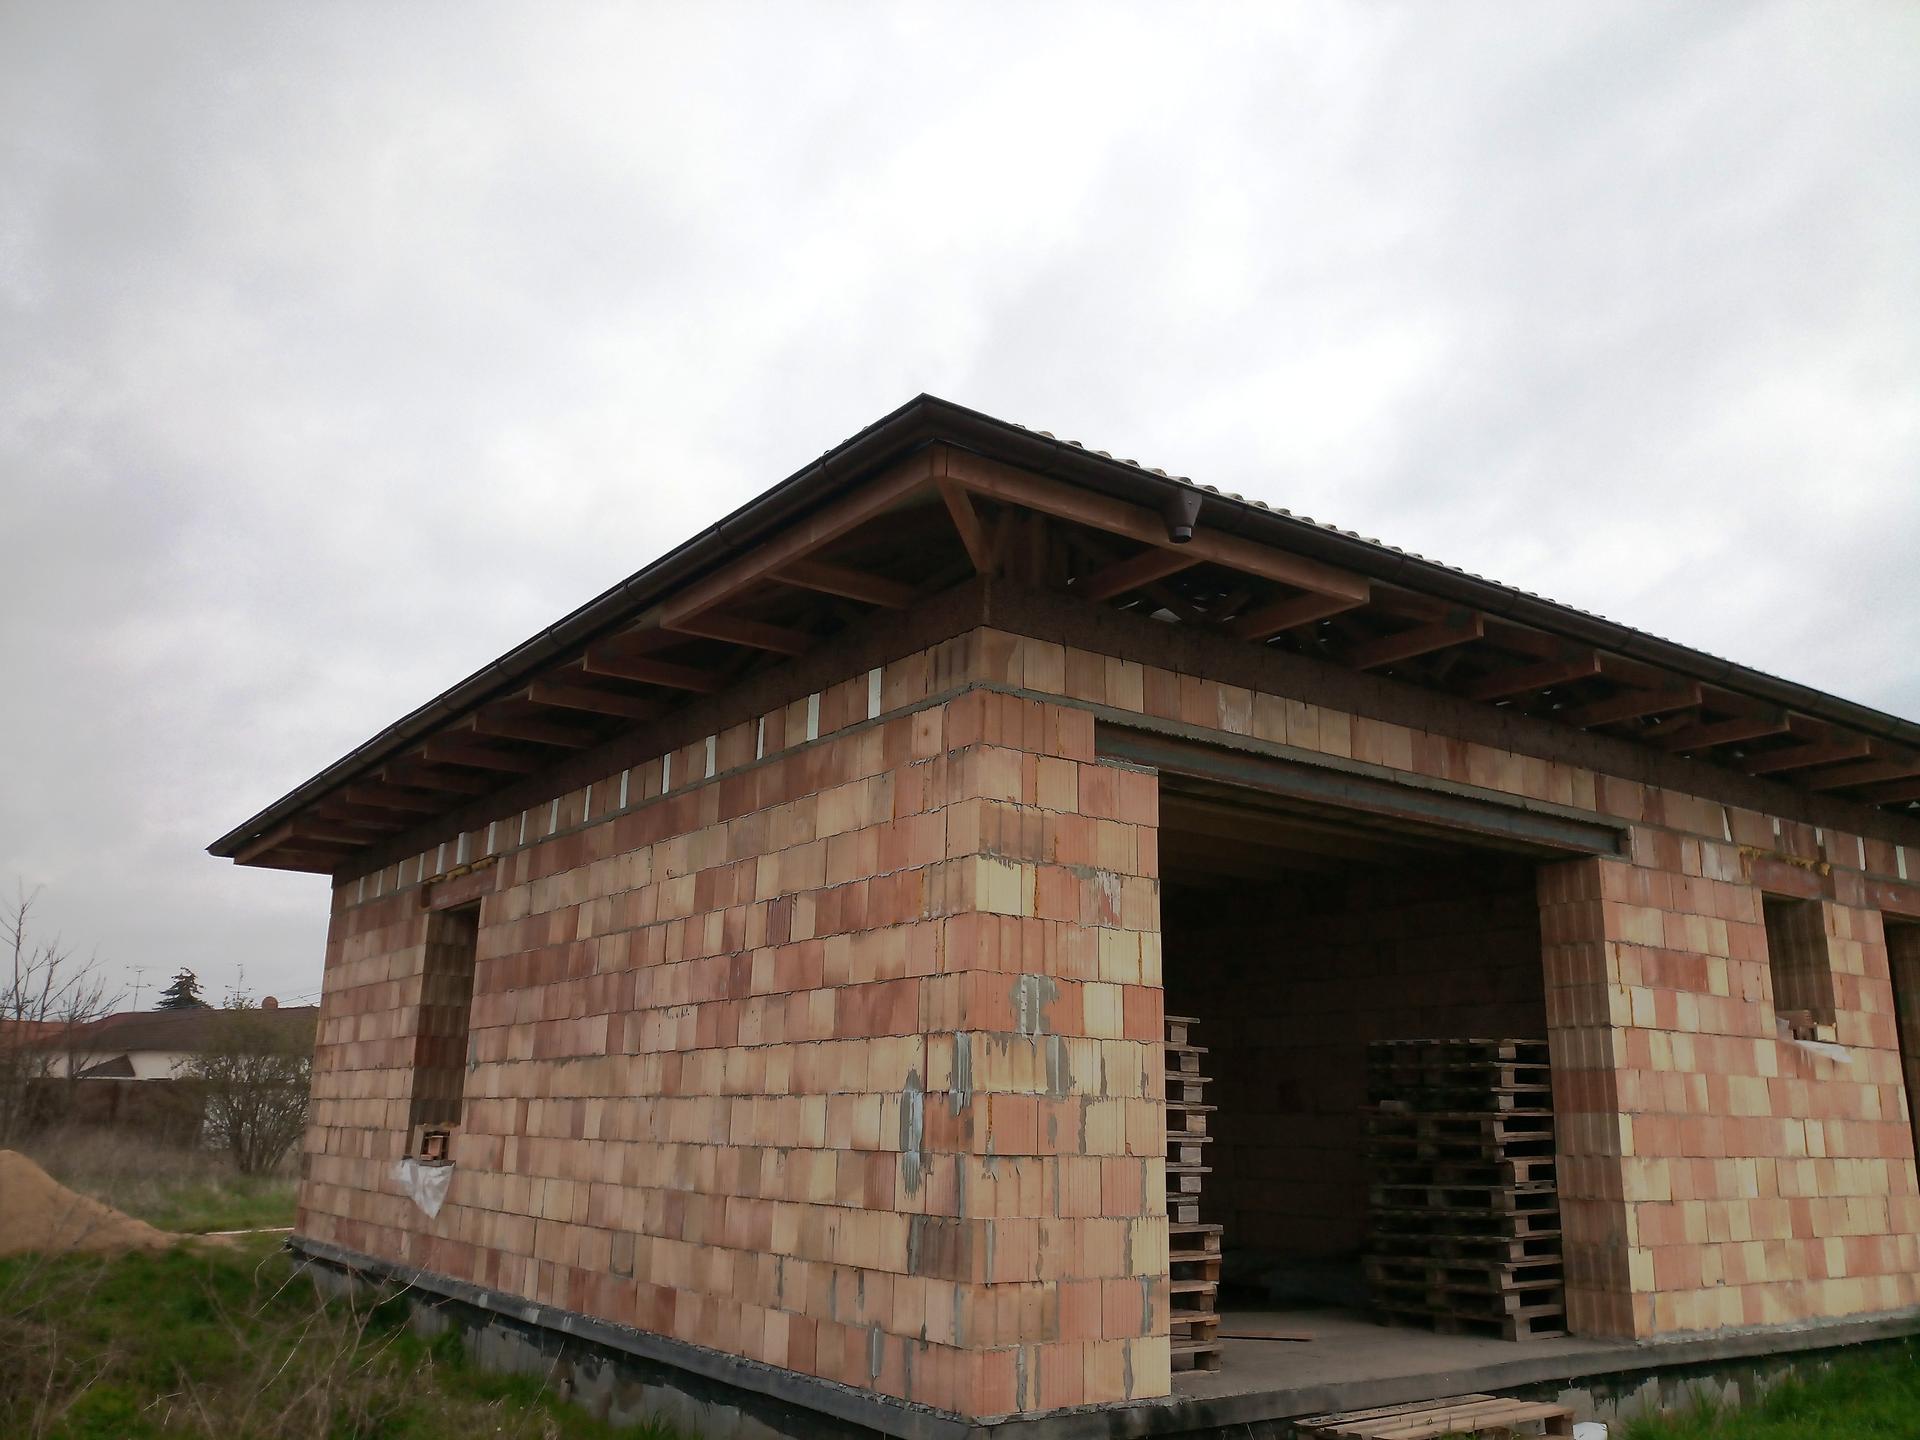 Věnec + střecha - Obrázek č. 24